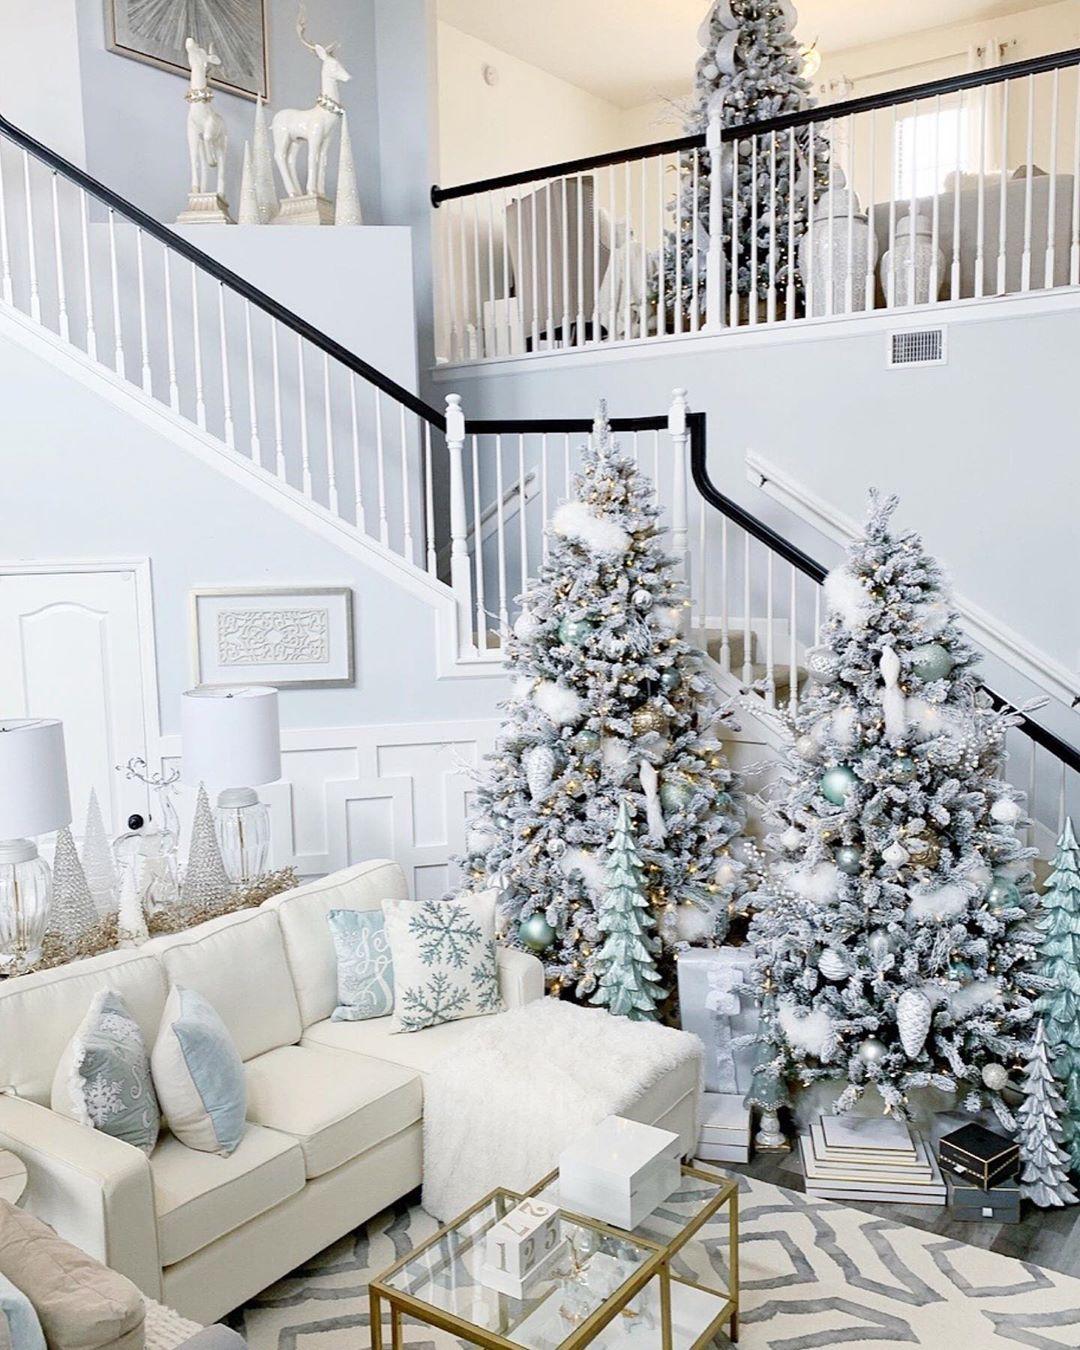 ნაძვის ხე, მორთულობა, საახალწლო, ახალი წელი, ბლოგი, ნაძვის ხის მორთულობა, qwelly